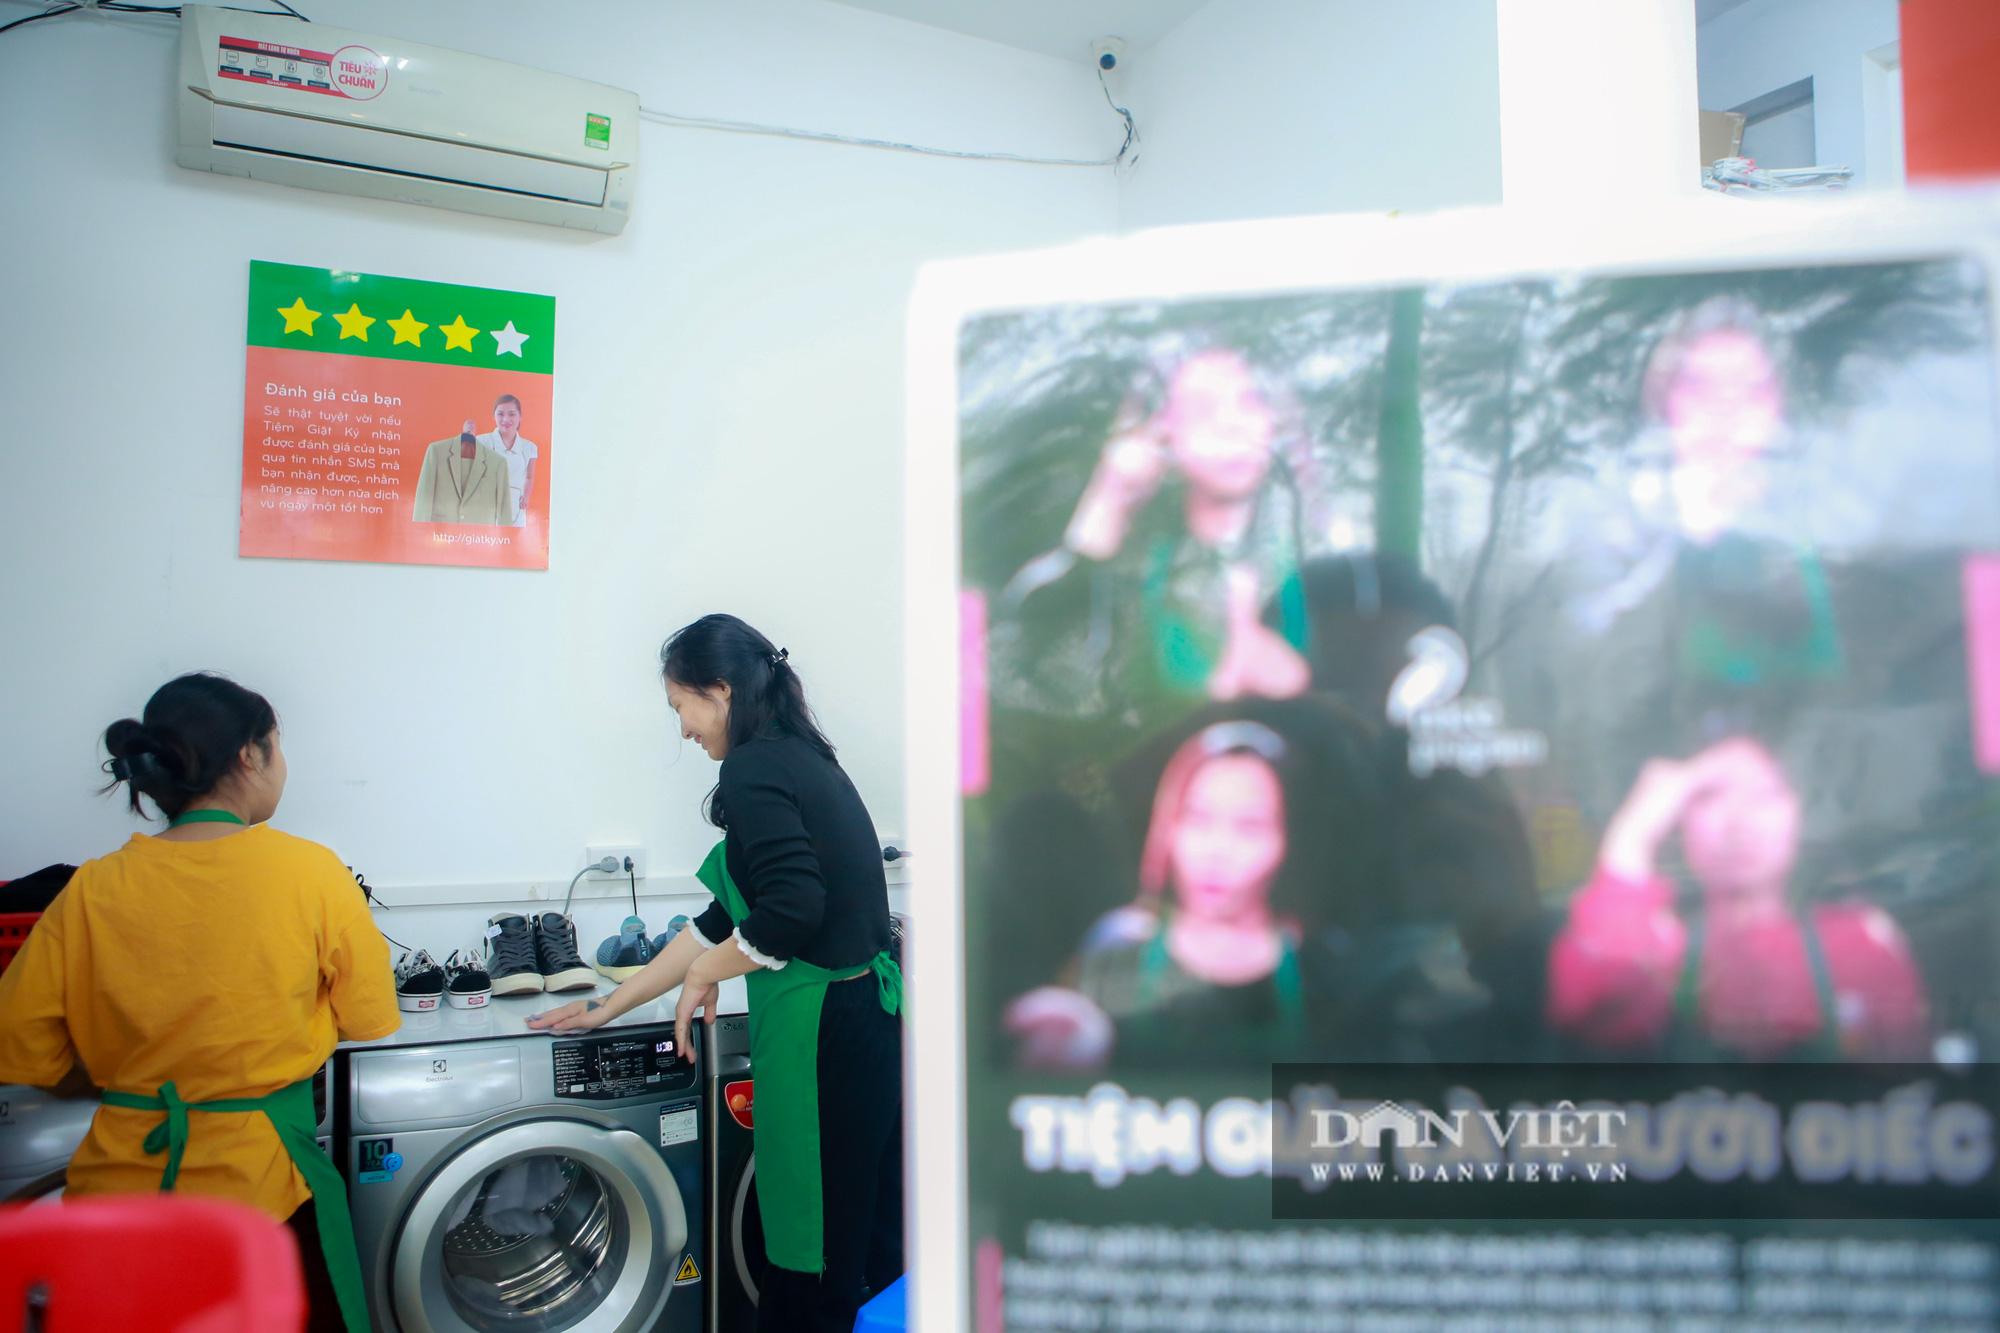 Tiệm giặt là không tiếng nói của những cô gái xinh đẹp tại Hà Nội - Ảnh 11.